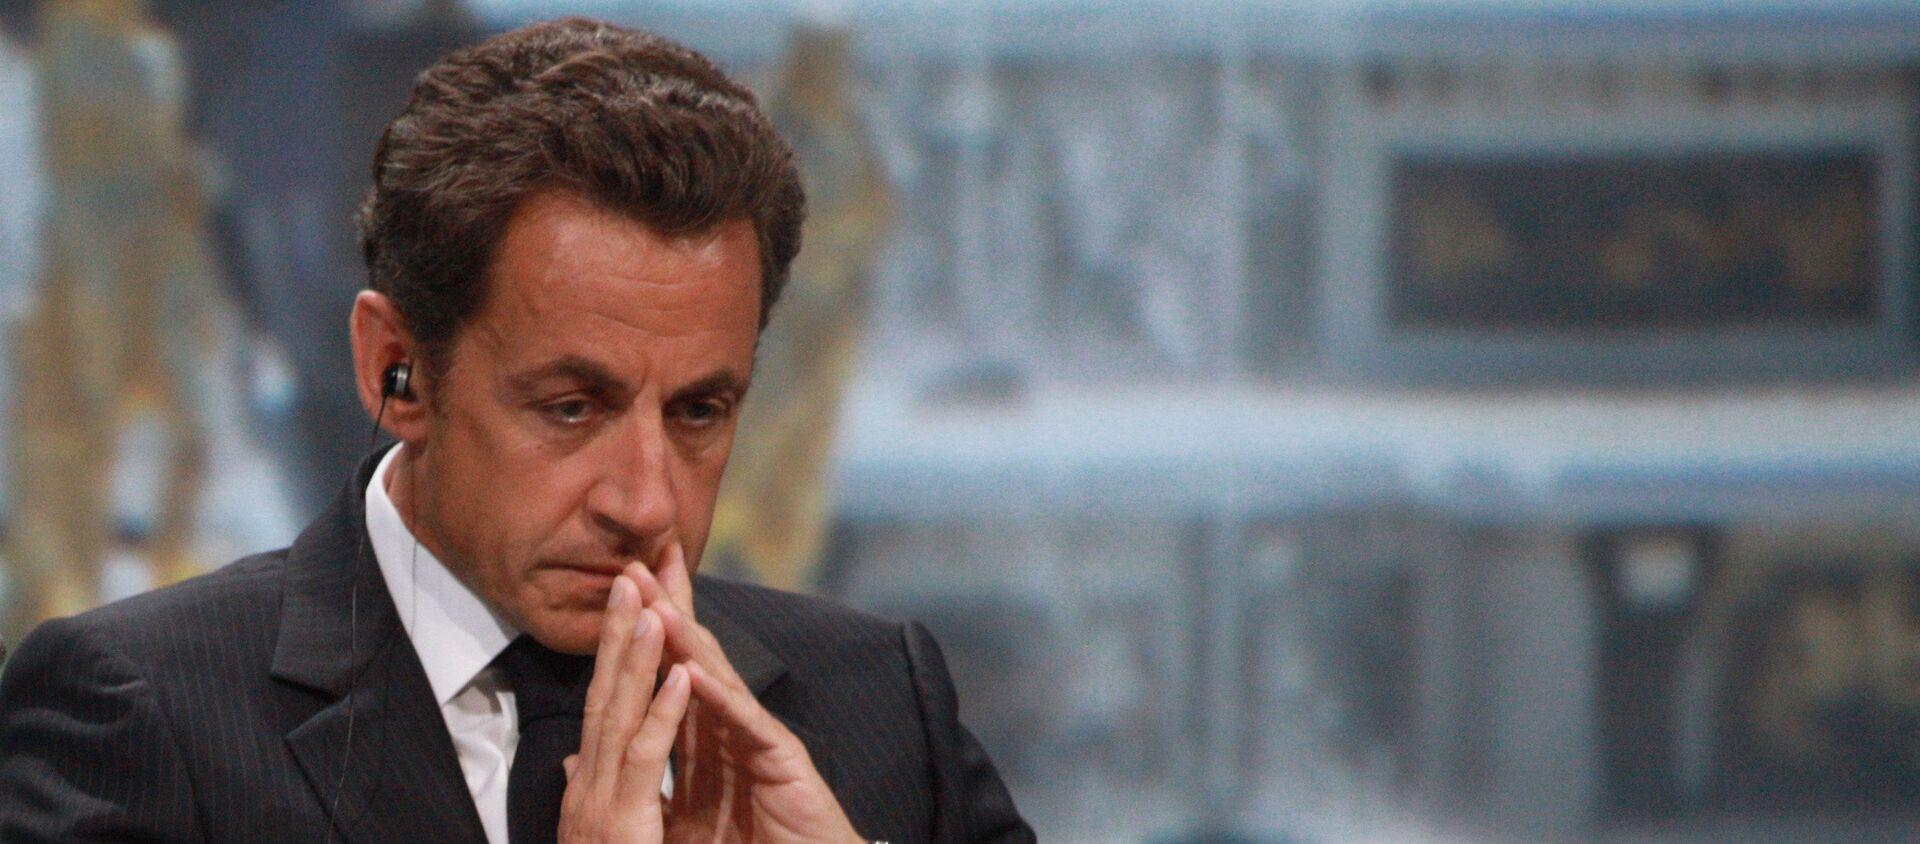 Nicolas Sarkozy - Sputnik Polska, 1920, 24.03.2018